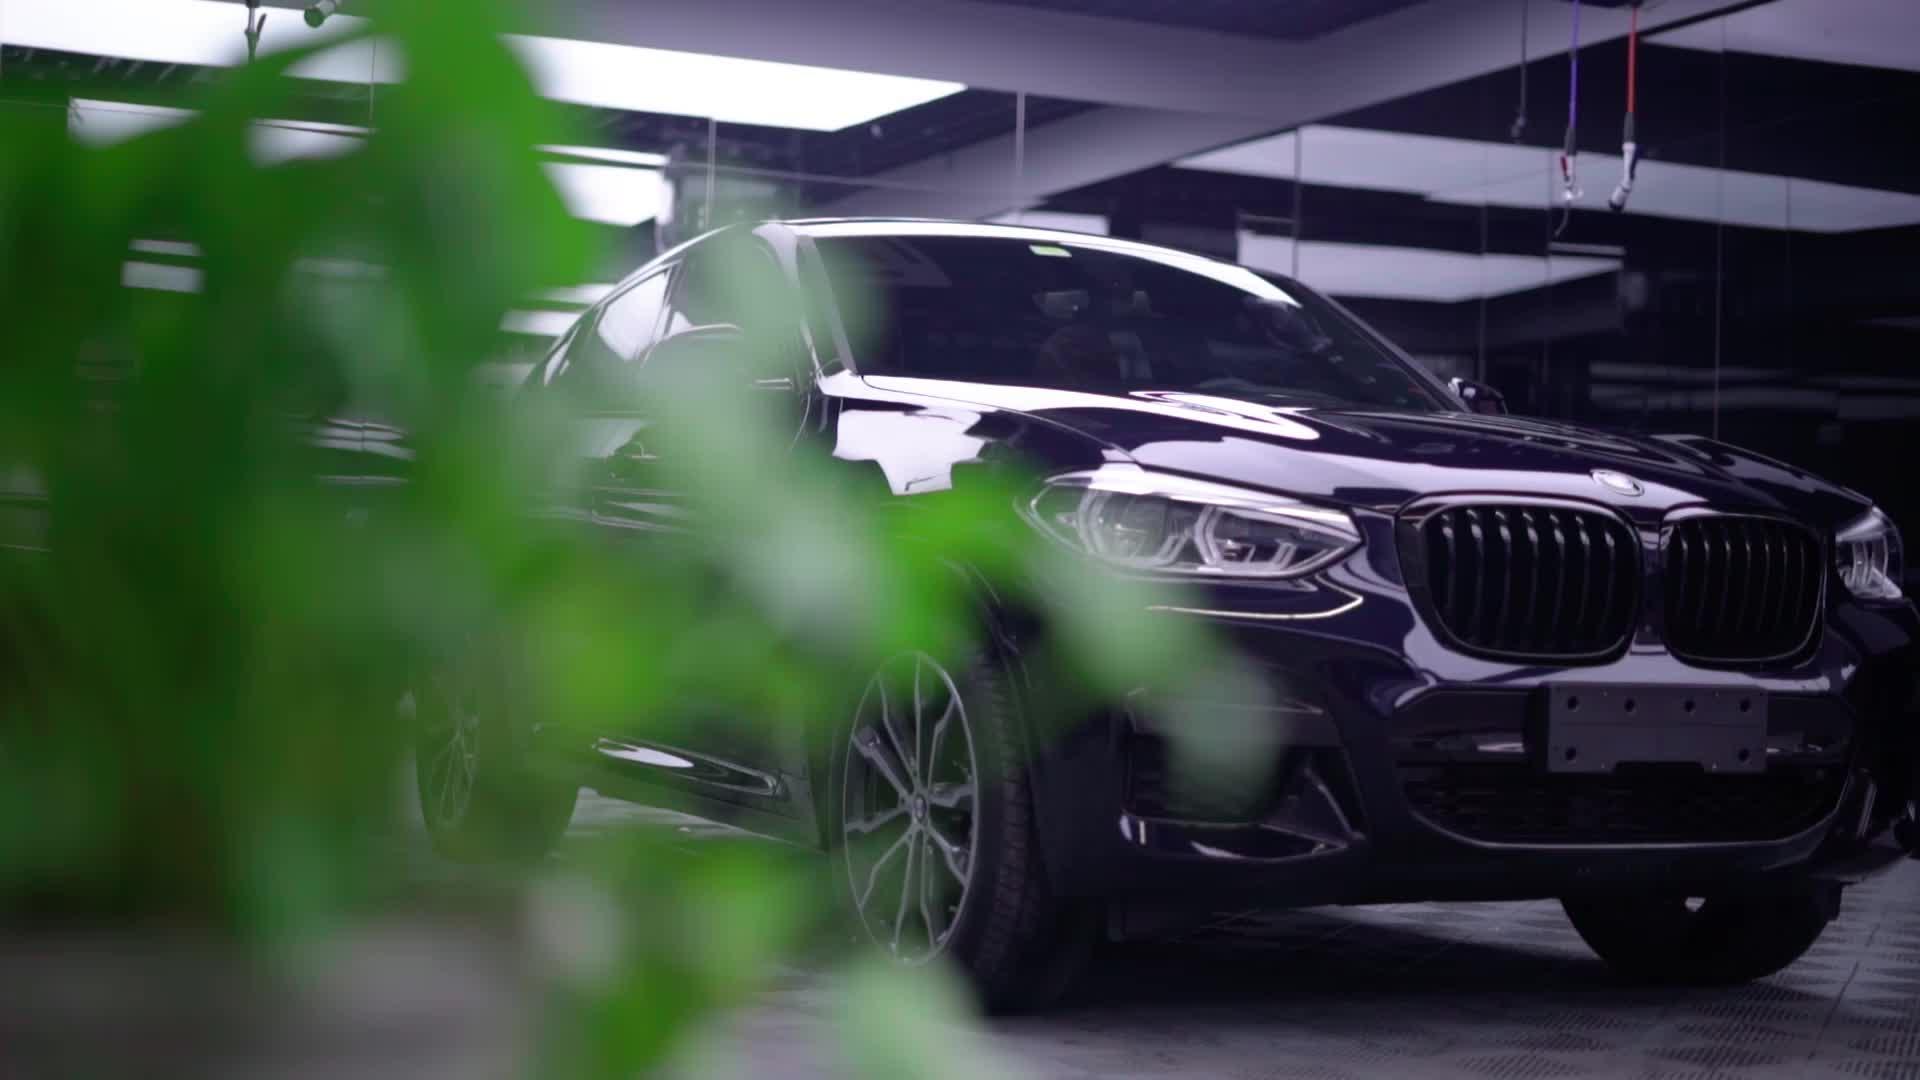 宝马X4装贴威固隐形车衣视频